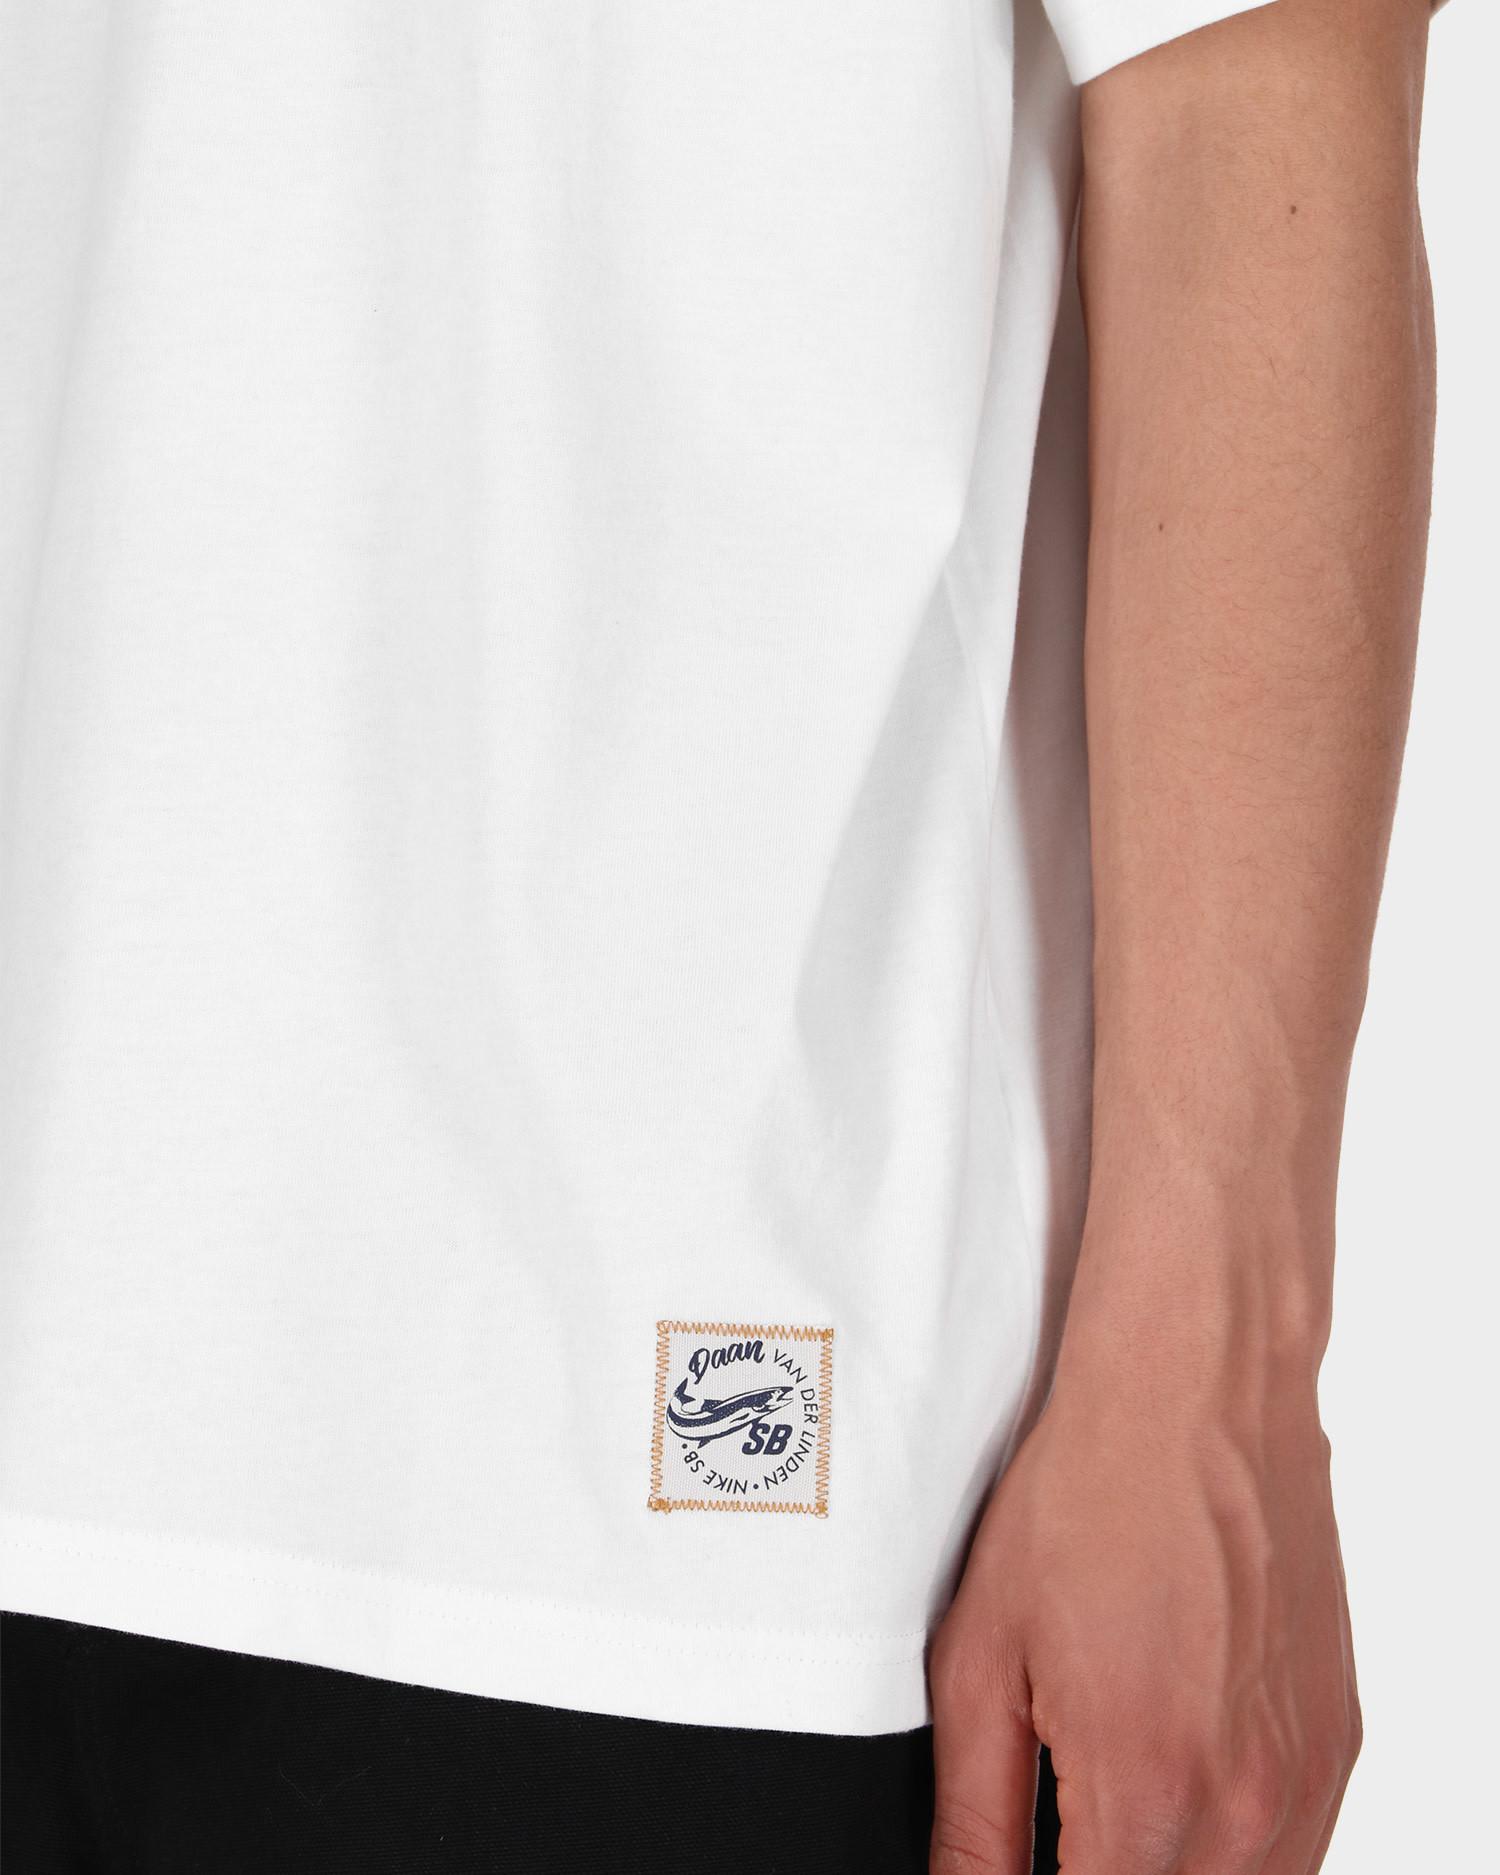 Nike SB Daan Van Der Linden T-Shirt White